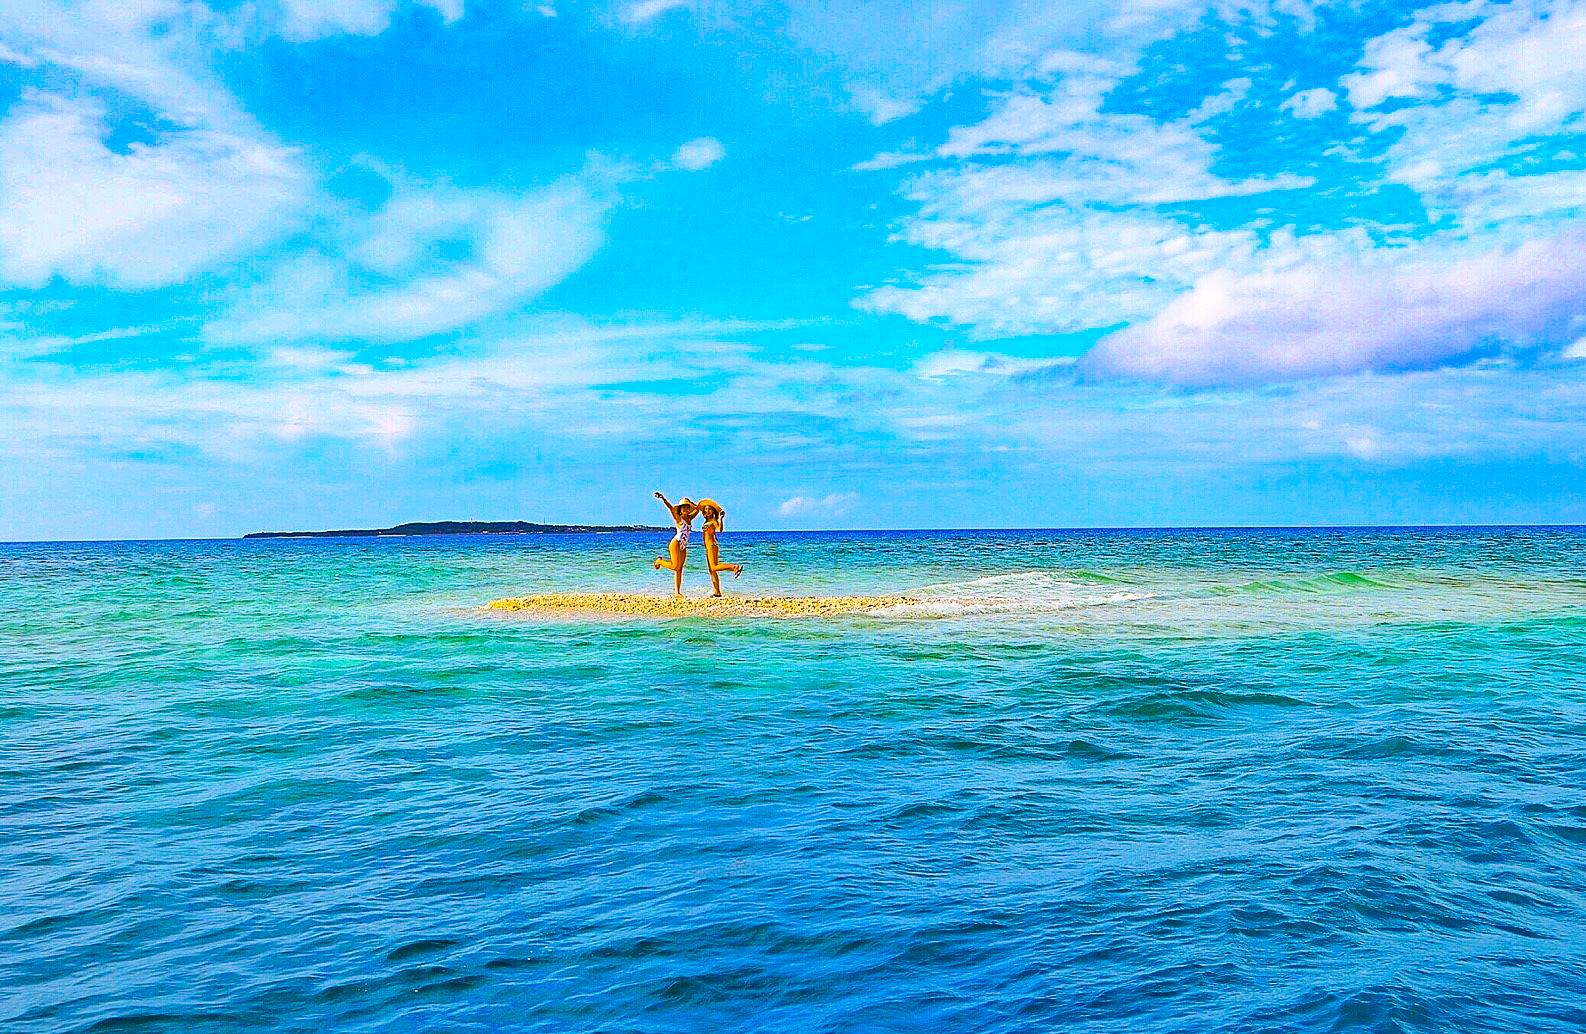 奇跡の島バラス島に立つ女性2人